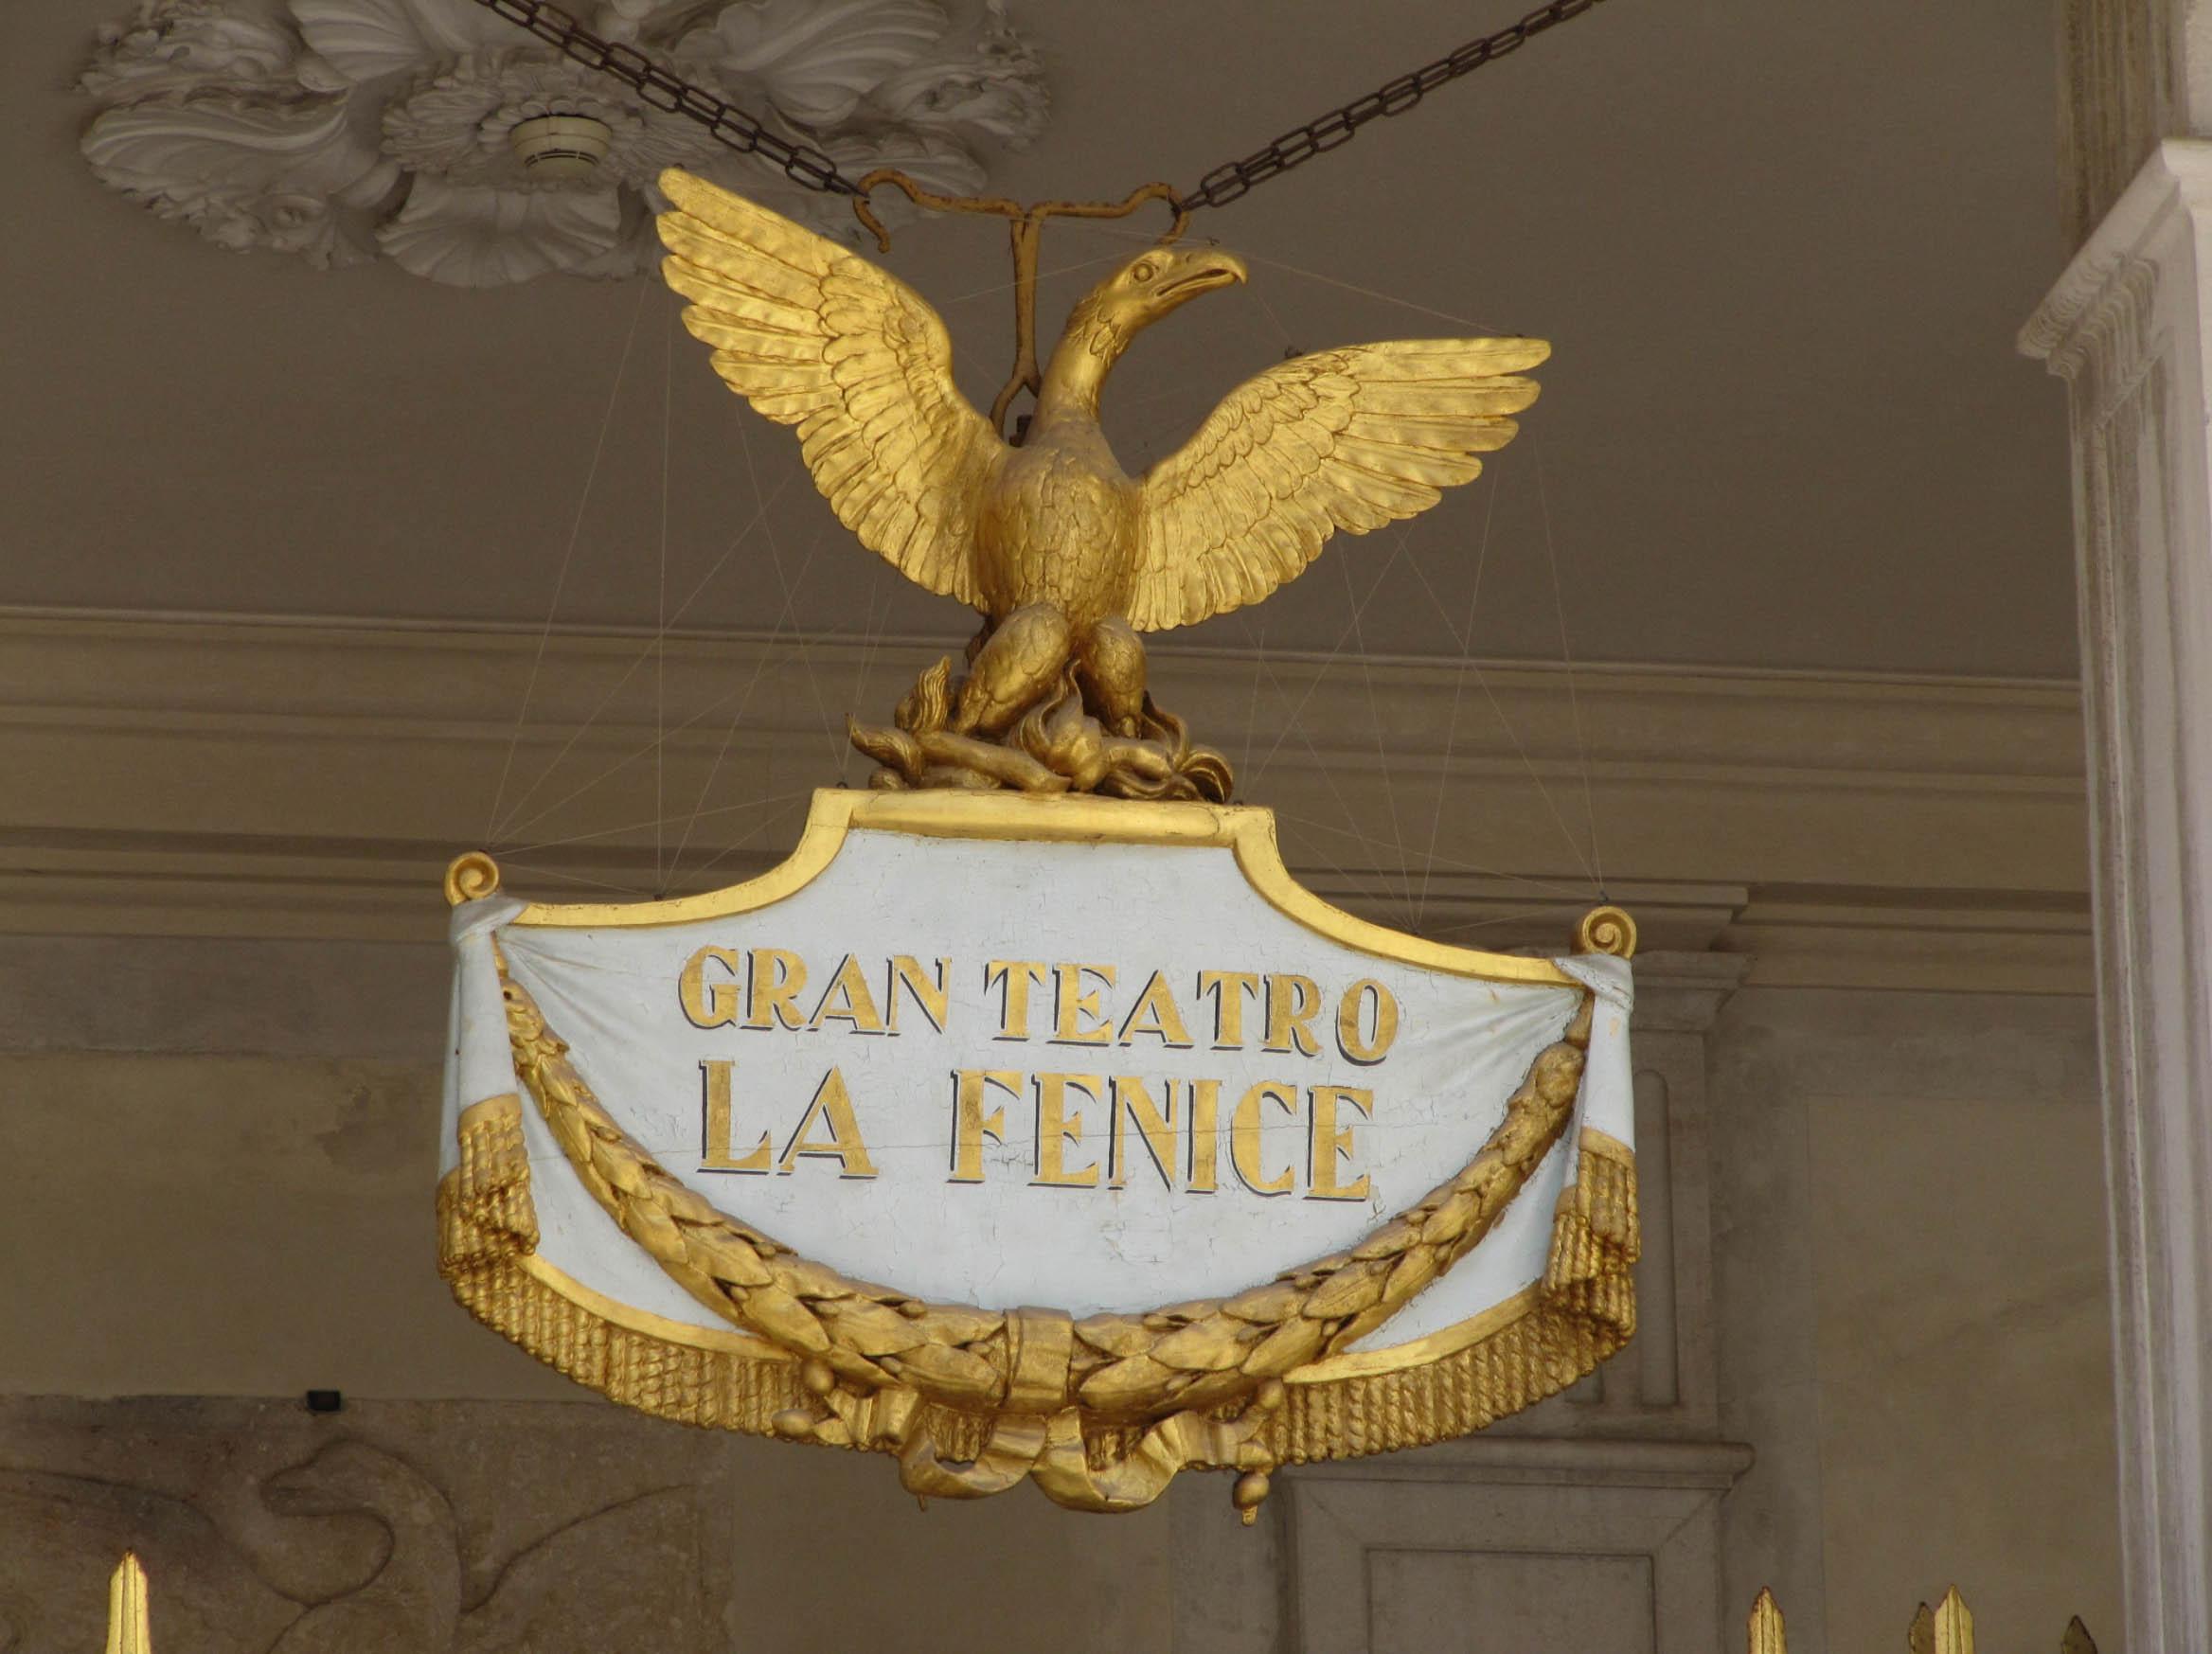 Grand Théâtre la Fenice - Venise - Excursion Vénétie en Bulgare